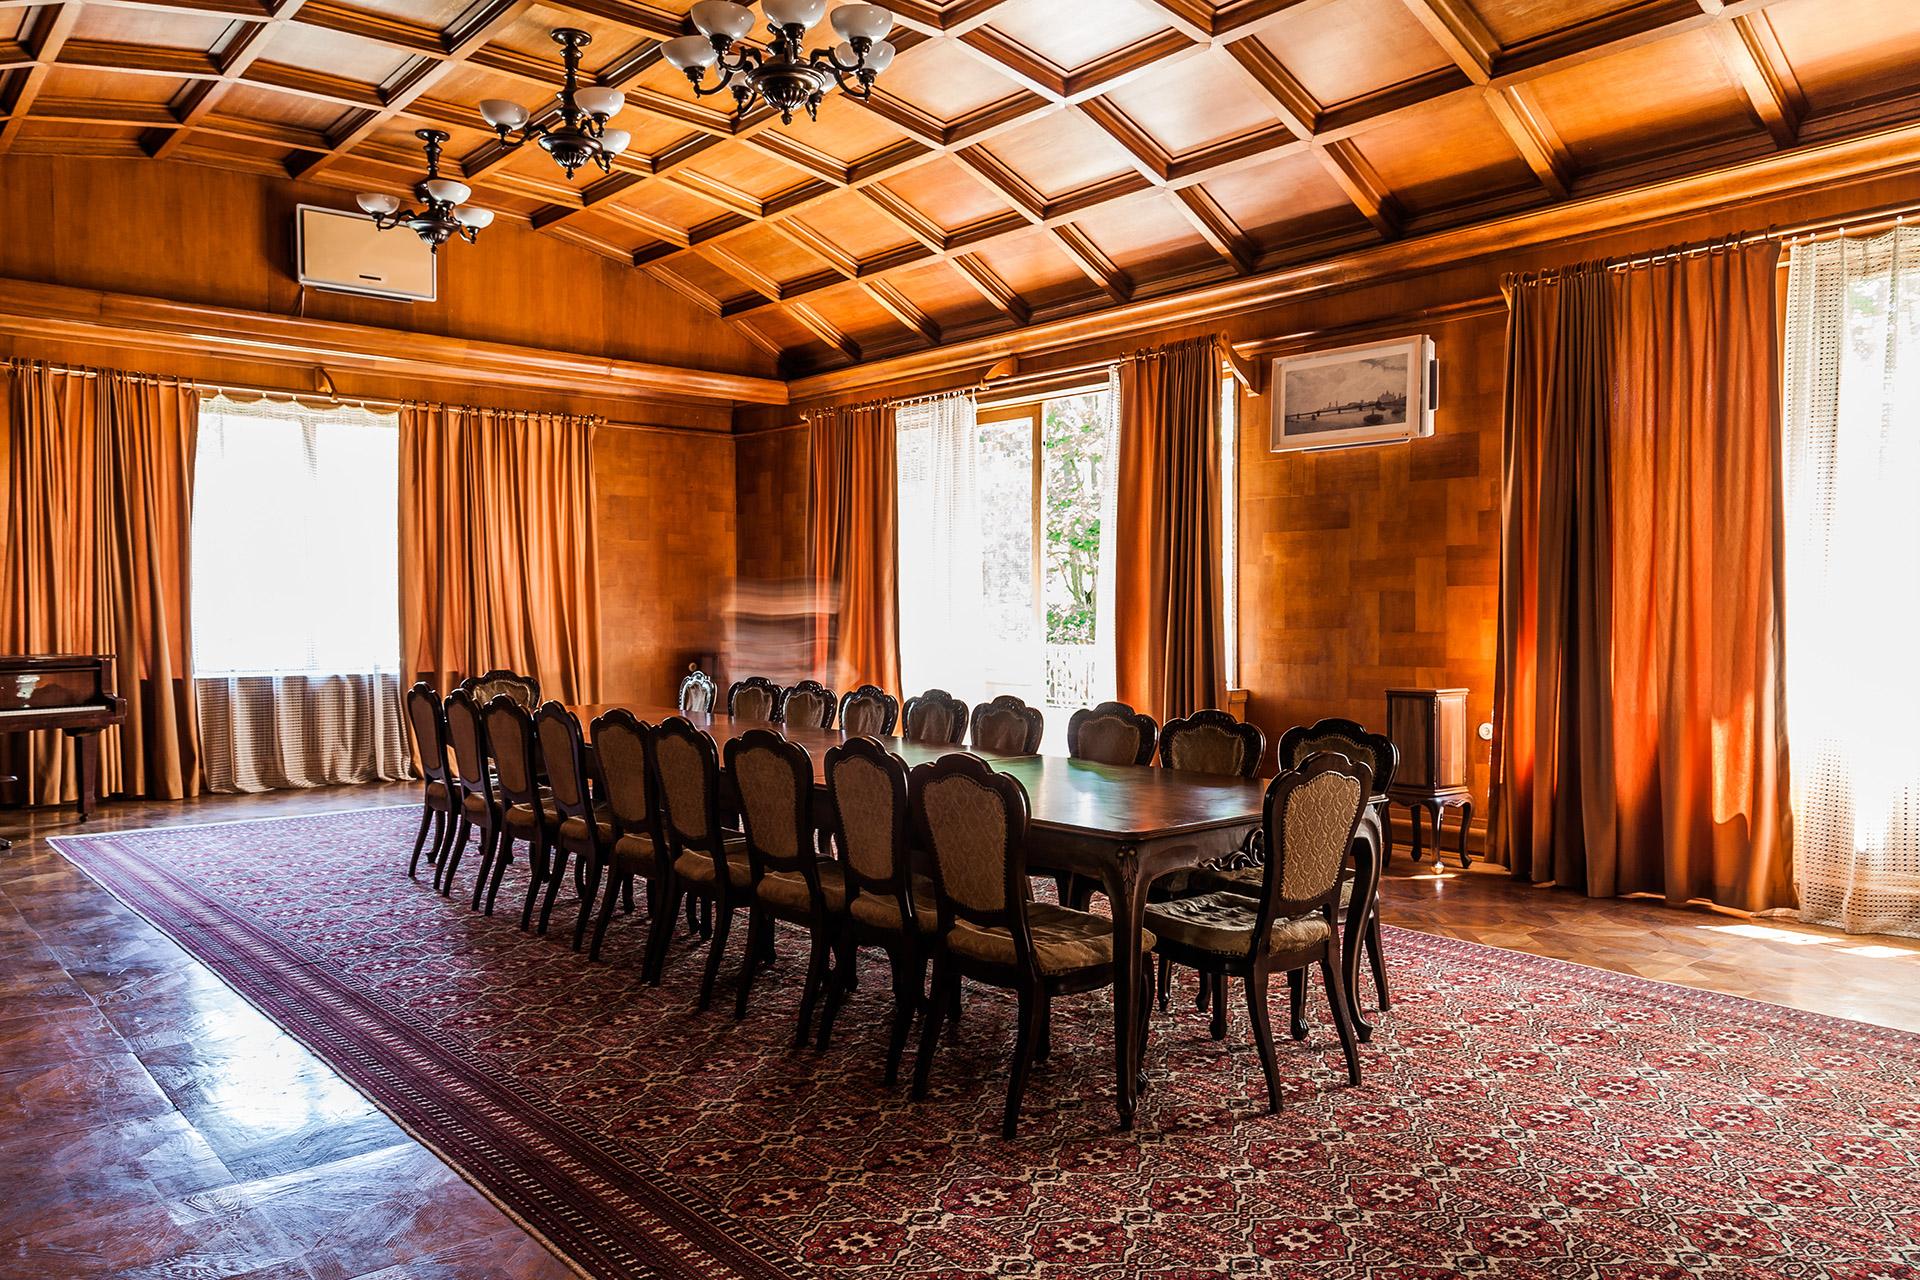 Типичная обстановка большой столовой. Здесь же проходили и совещания.